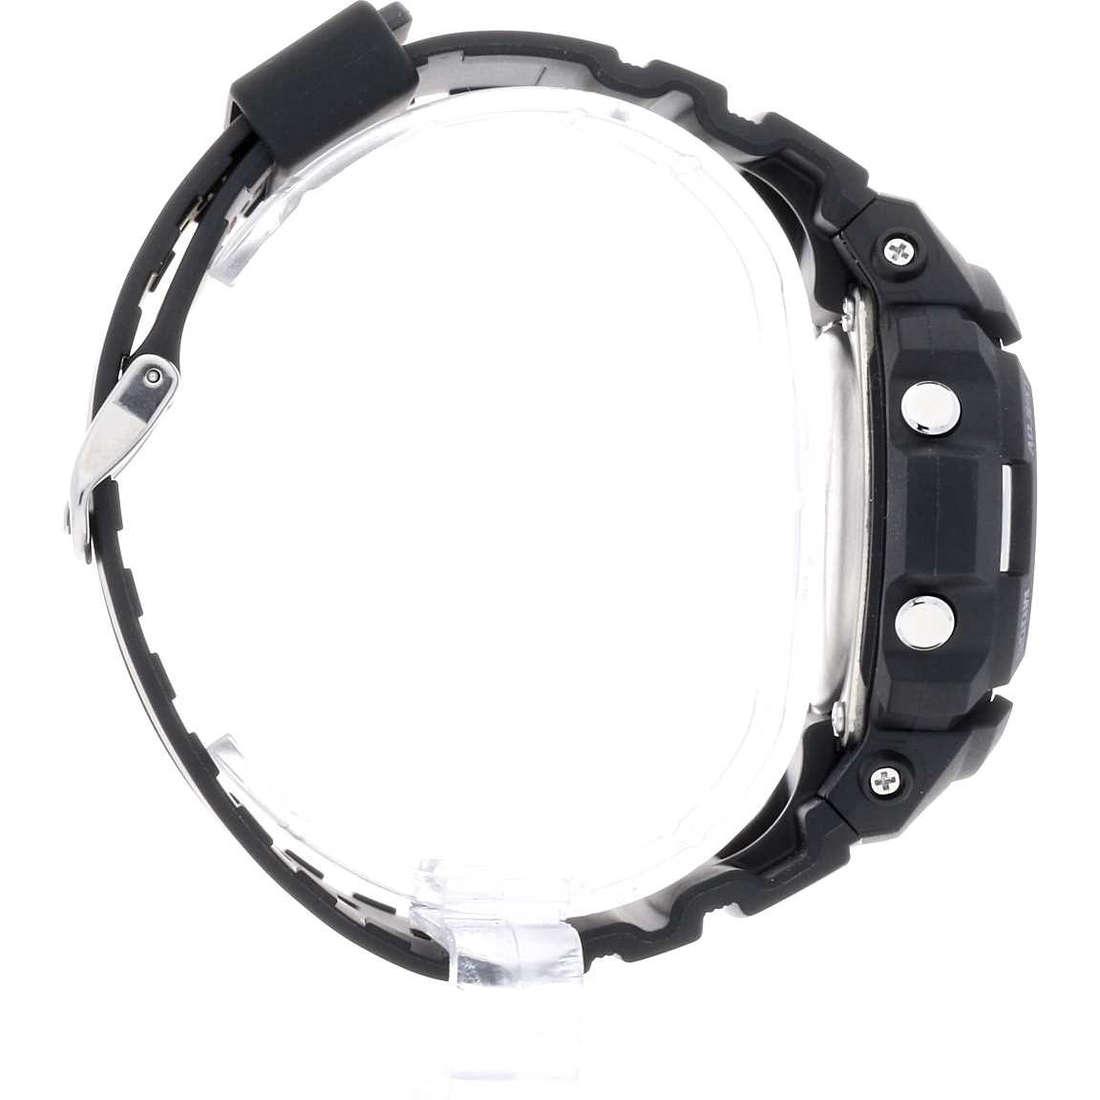 acquista orologi uomo Casio AWG-M100S-7AER